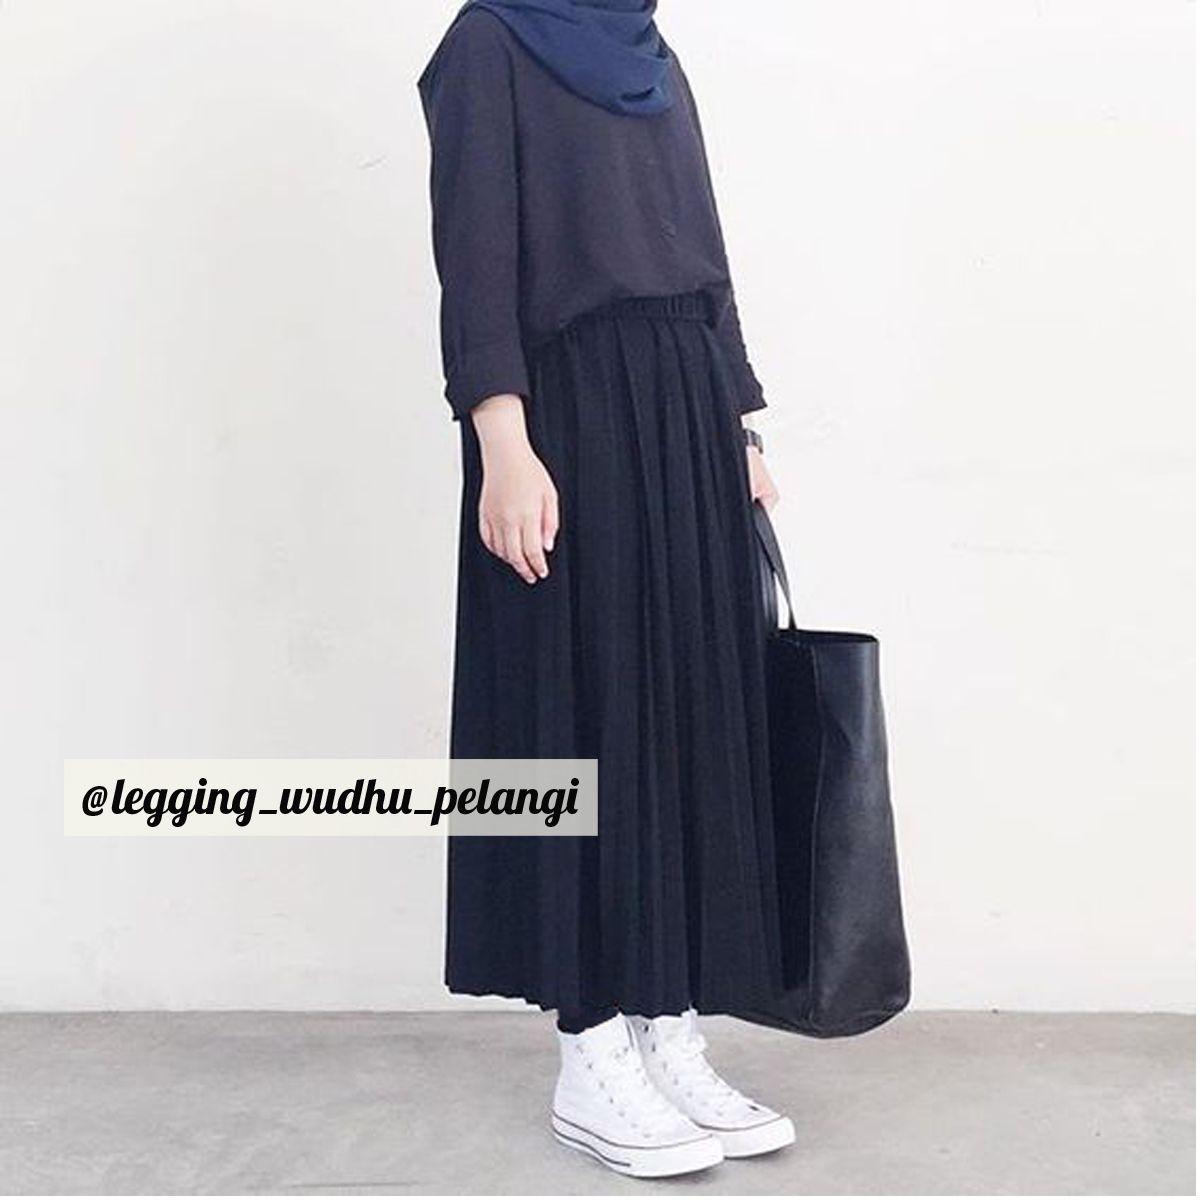 Pin On Legging Muslimah Legging Wudhu Pelangi